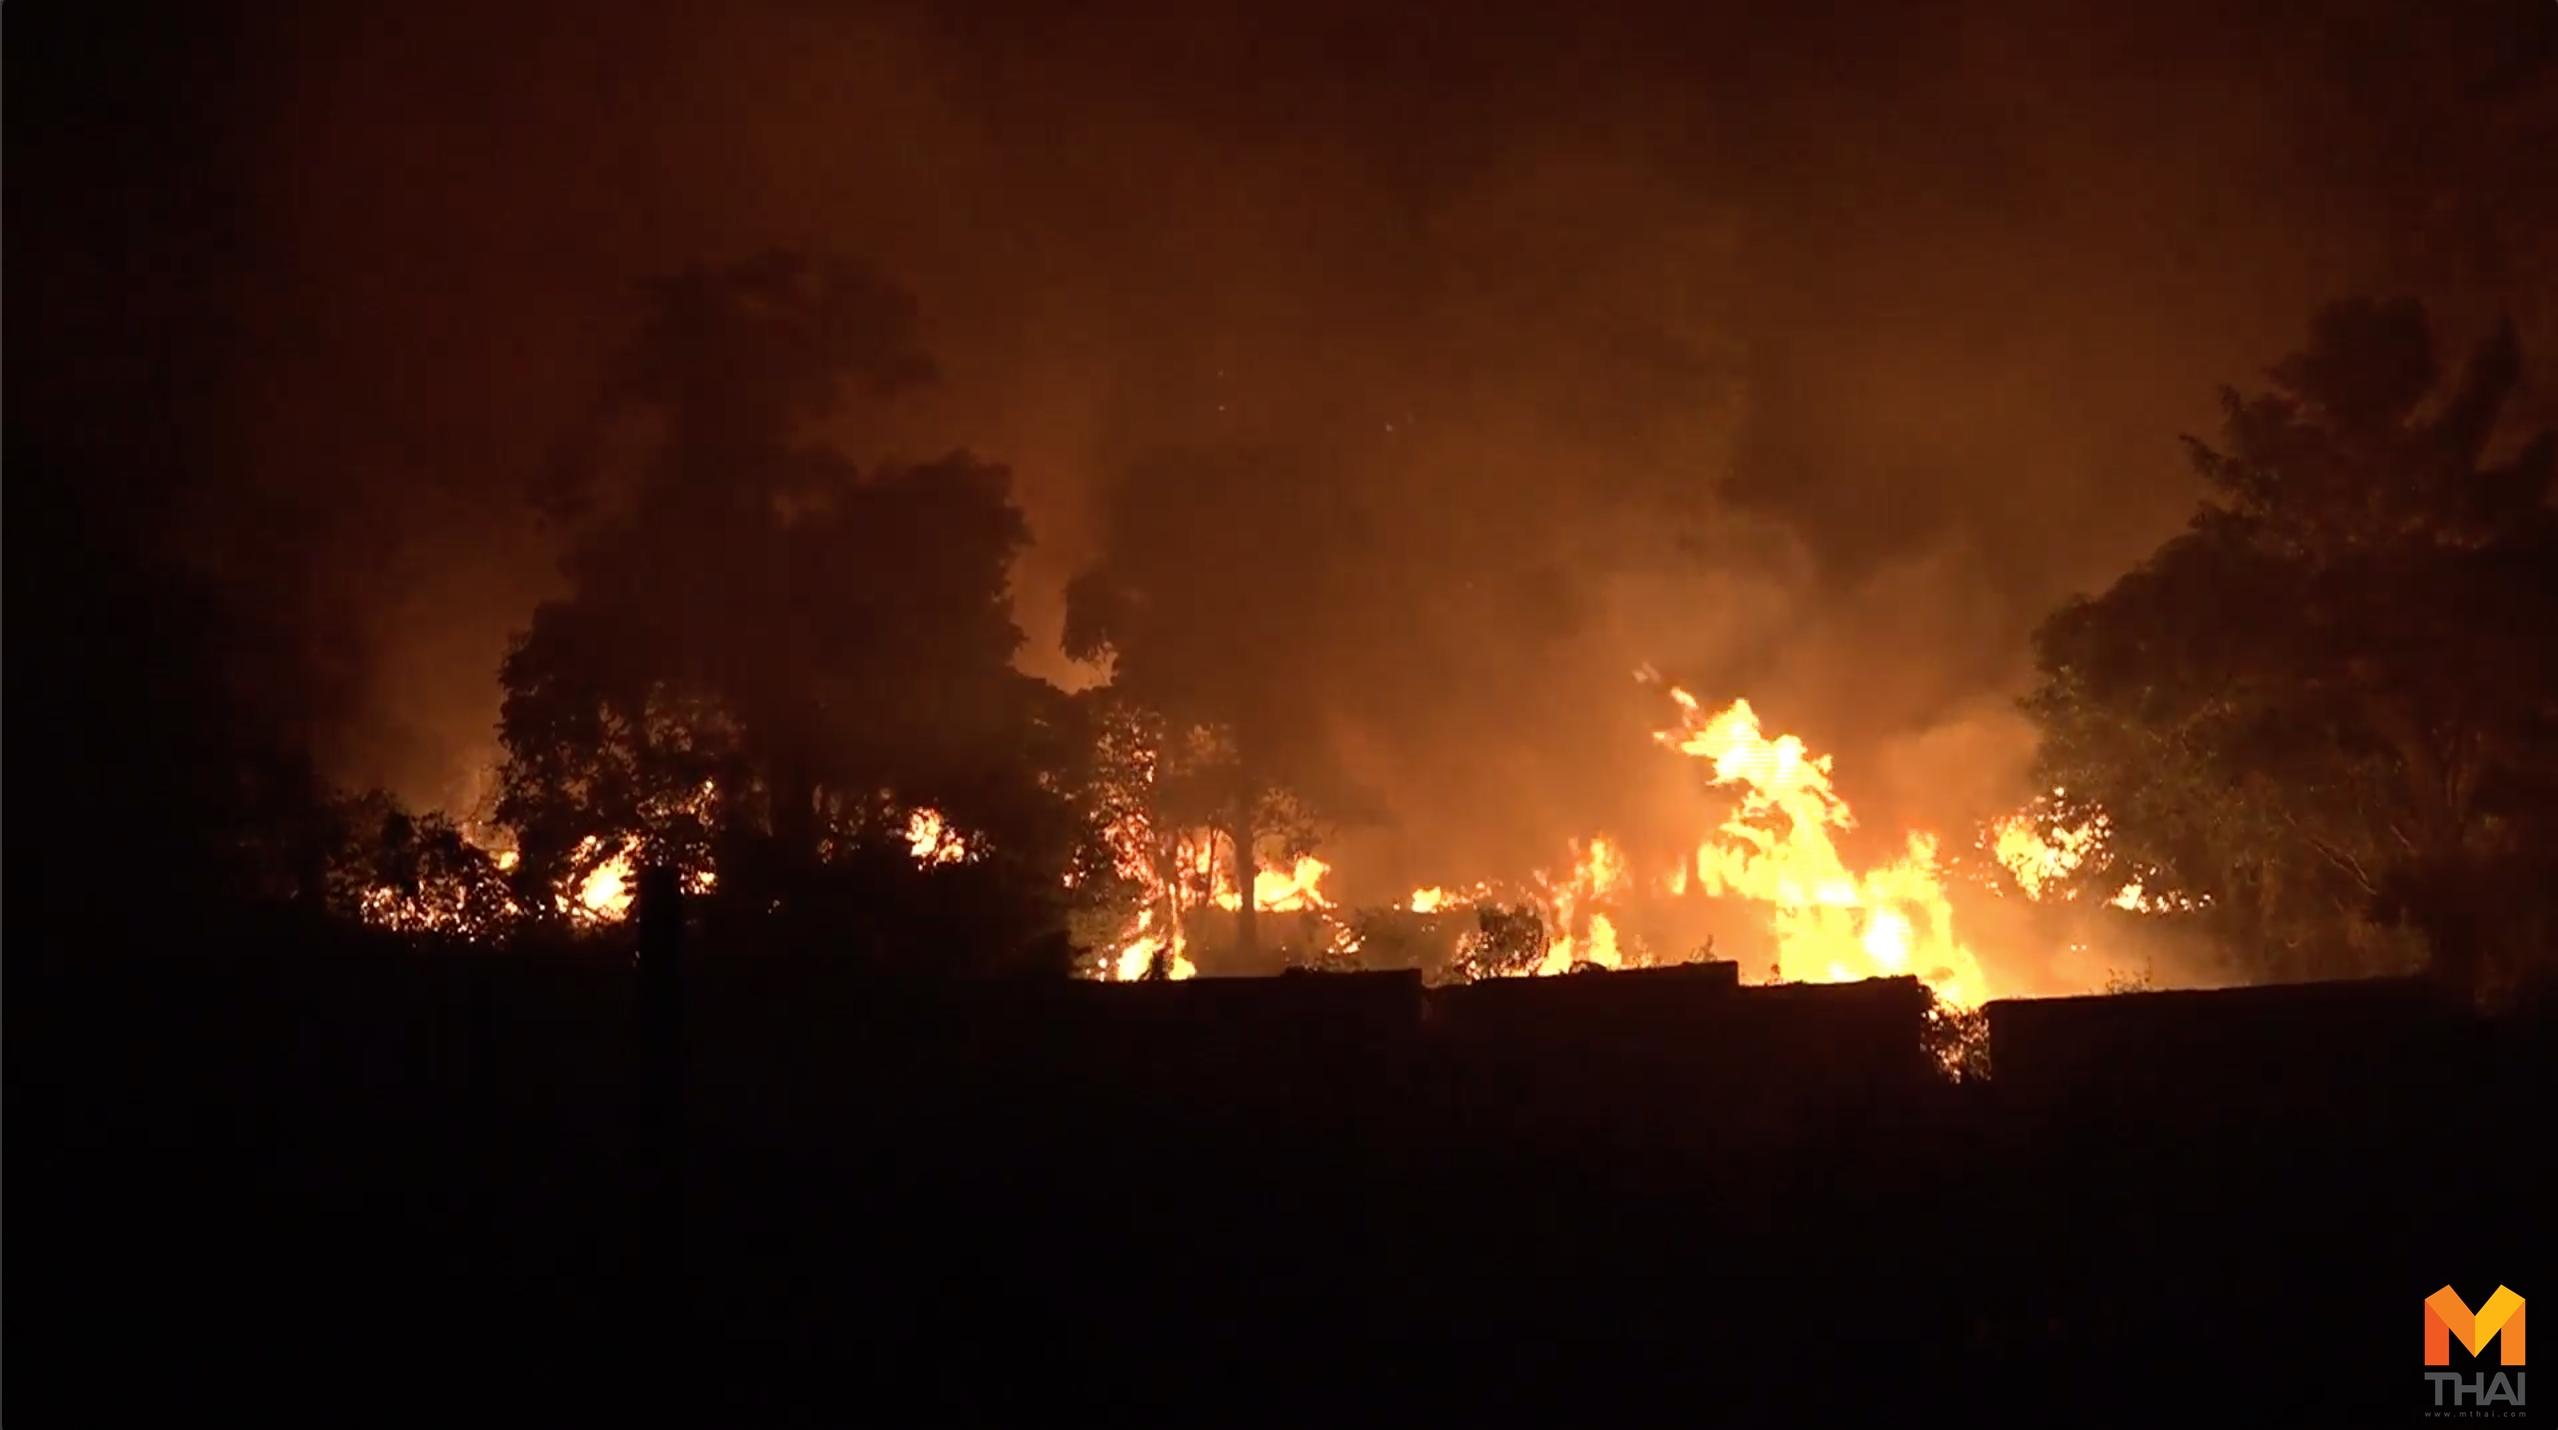 ข่าวภูมิภาค เกาะสมุย ไฟไหม้ ไฟไหม้ป่าหญ้า